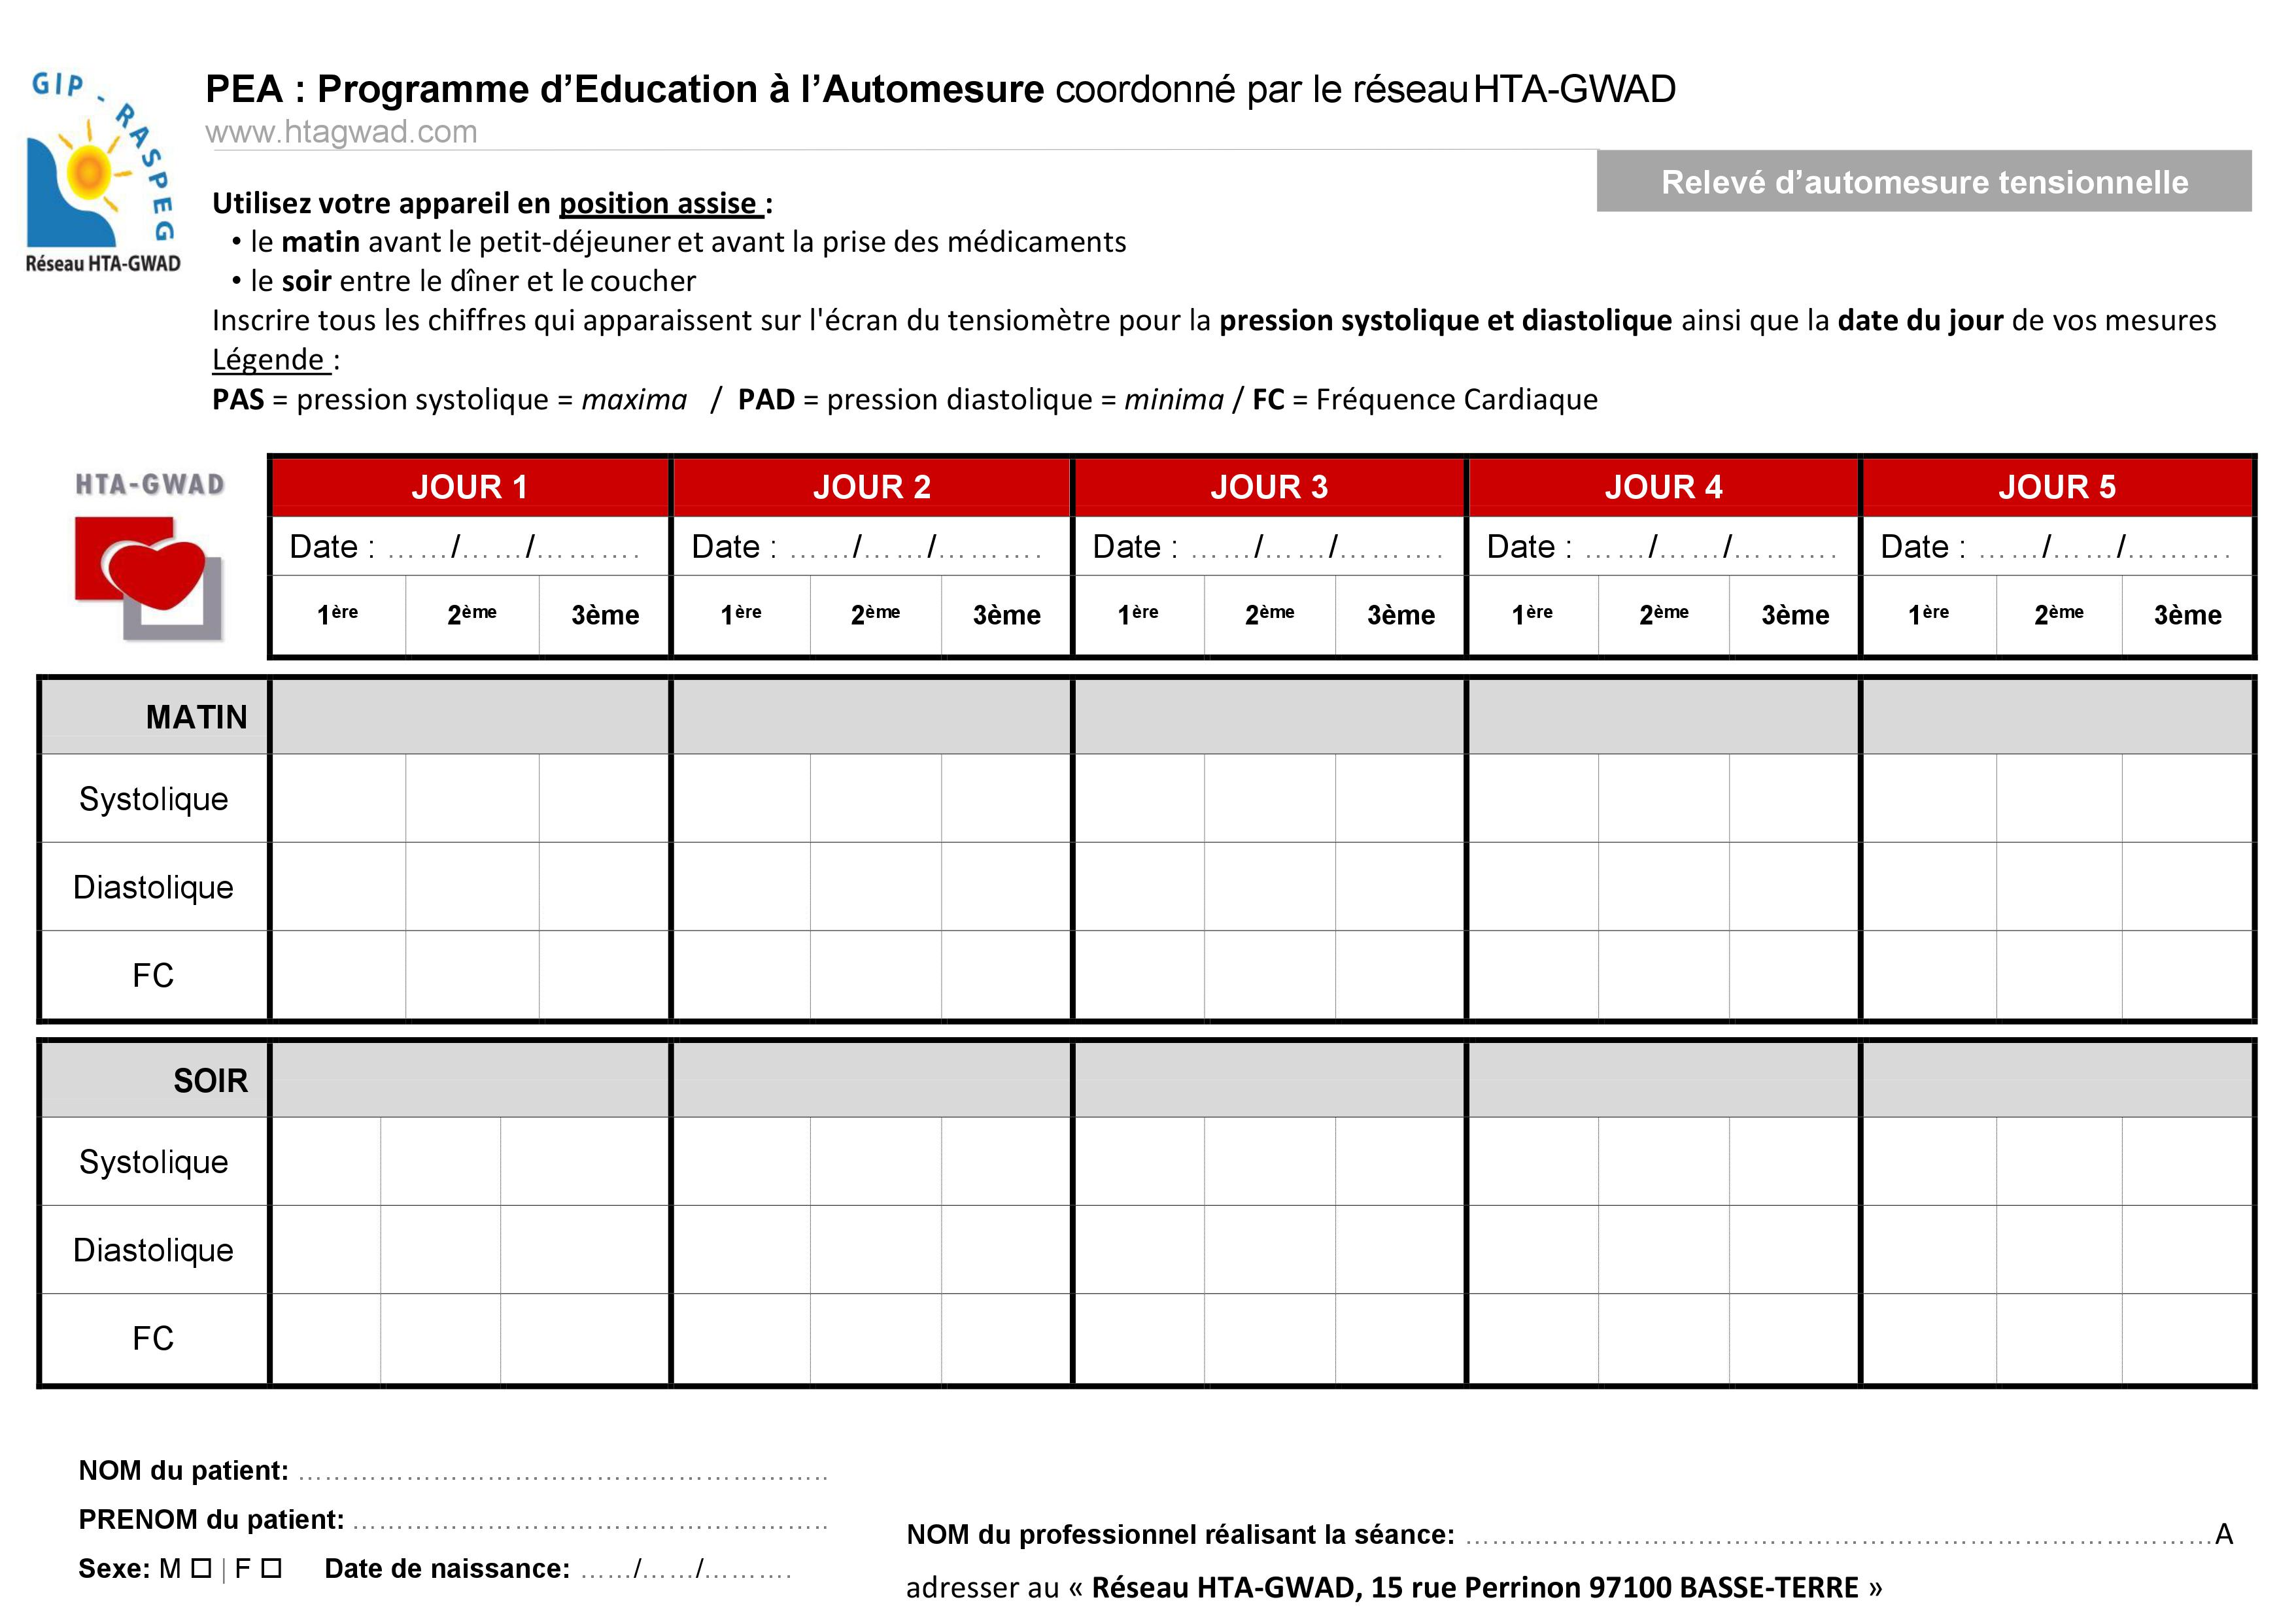 Programme d'Éducation à l'Automesure (PEA)